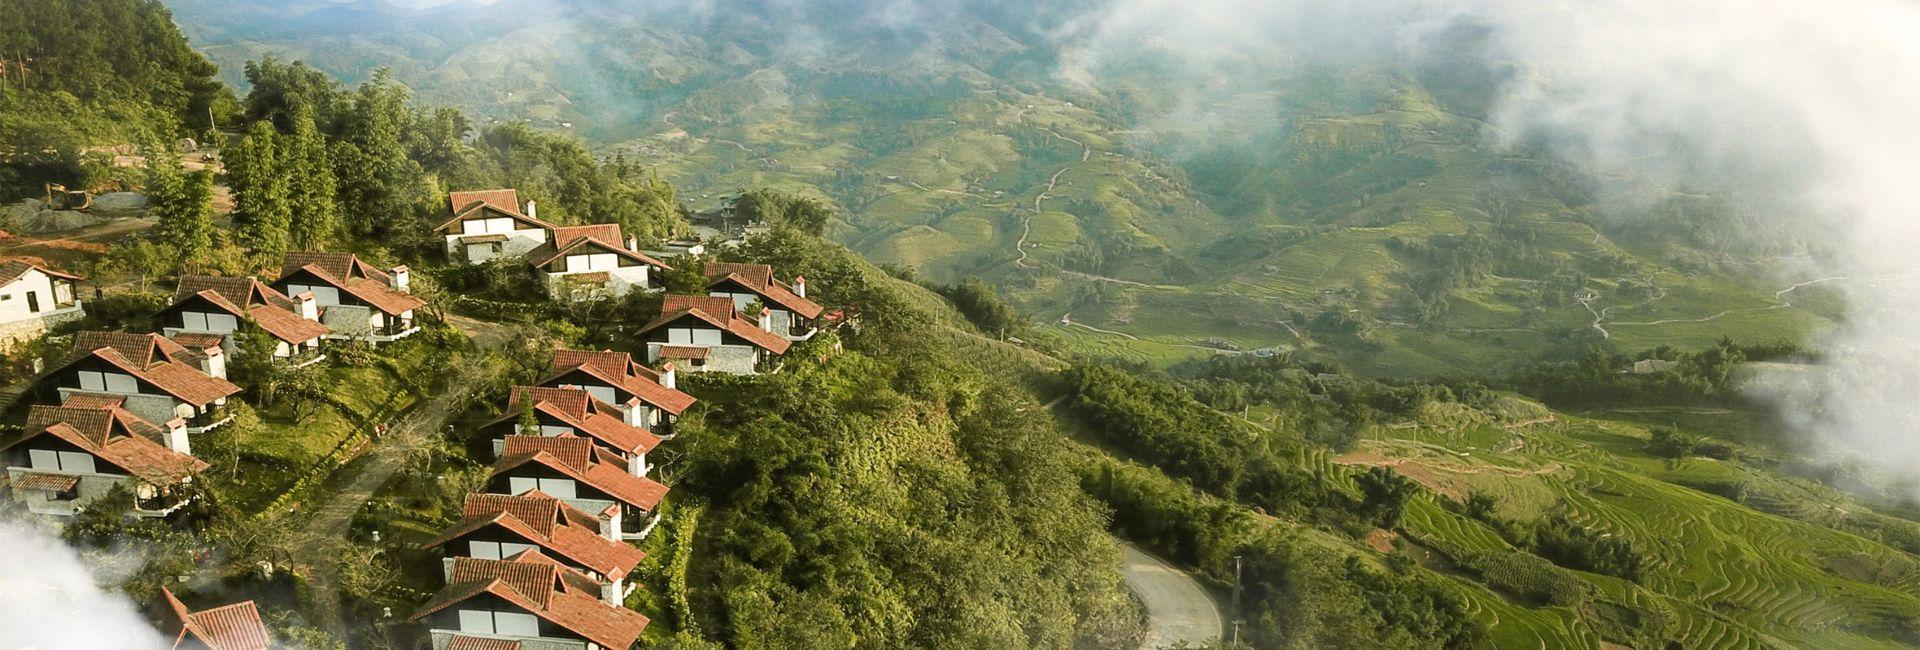 Top 5 khu nghỉ dưỡng hàng đầu tại Sapa